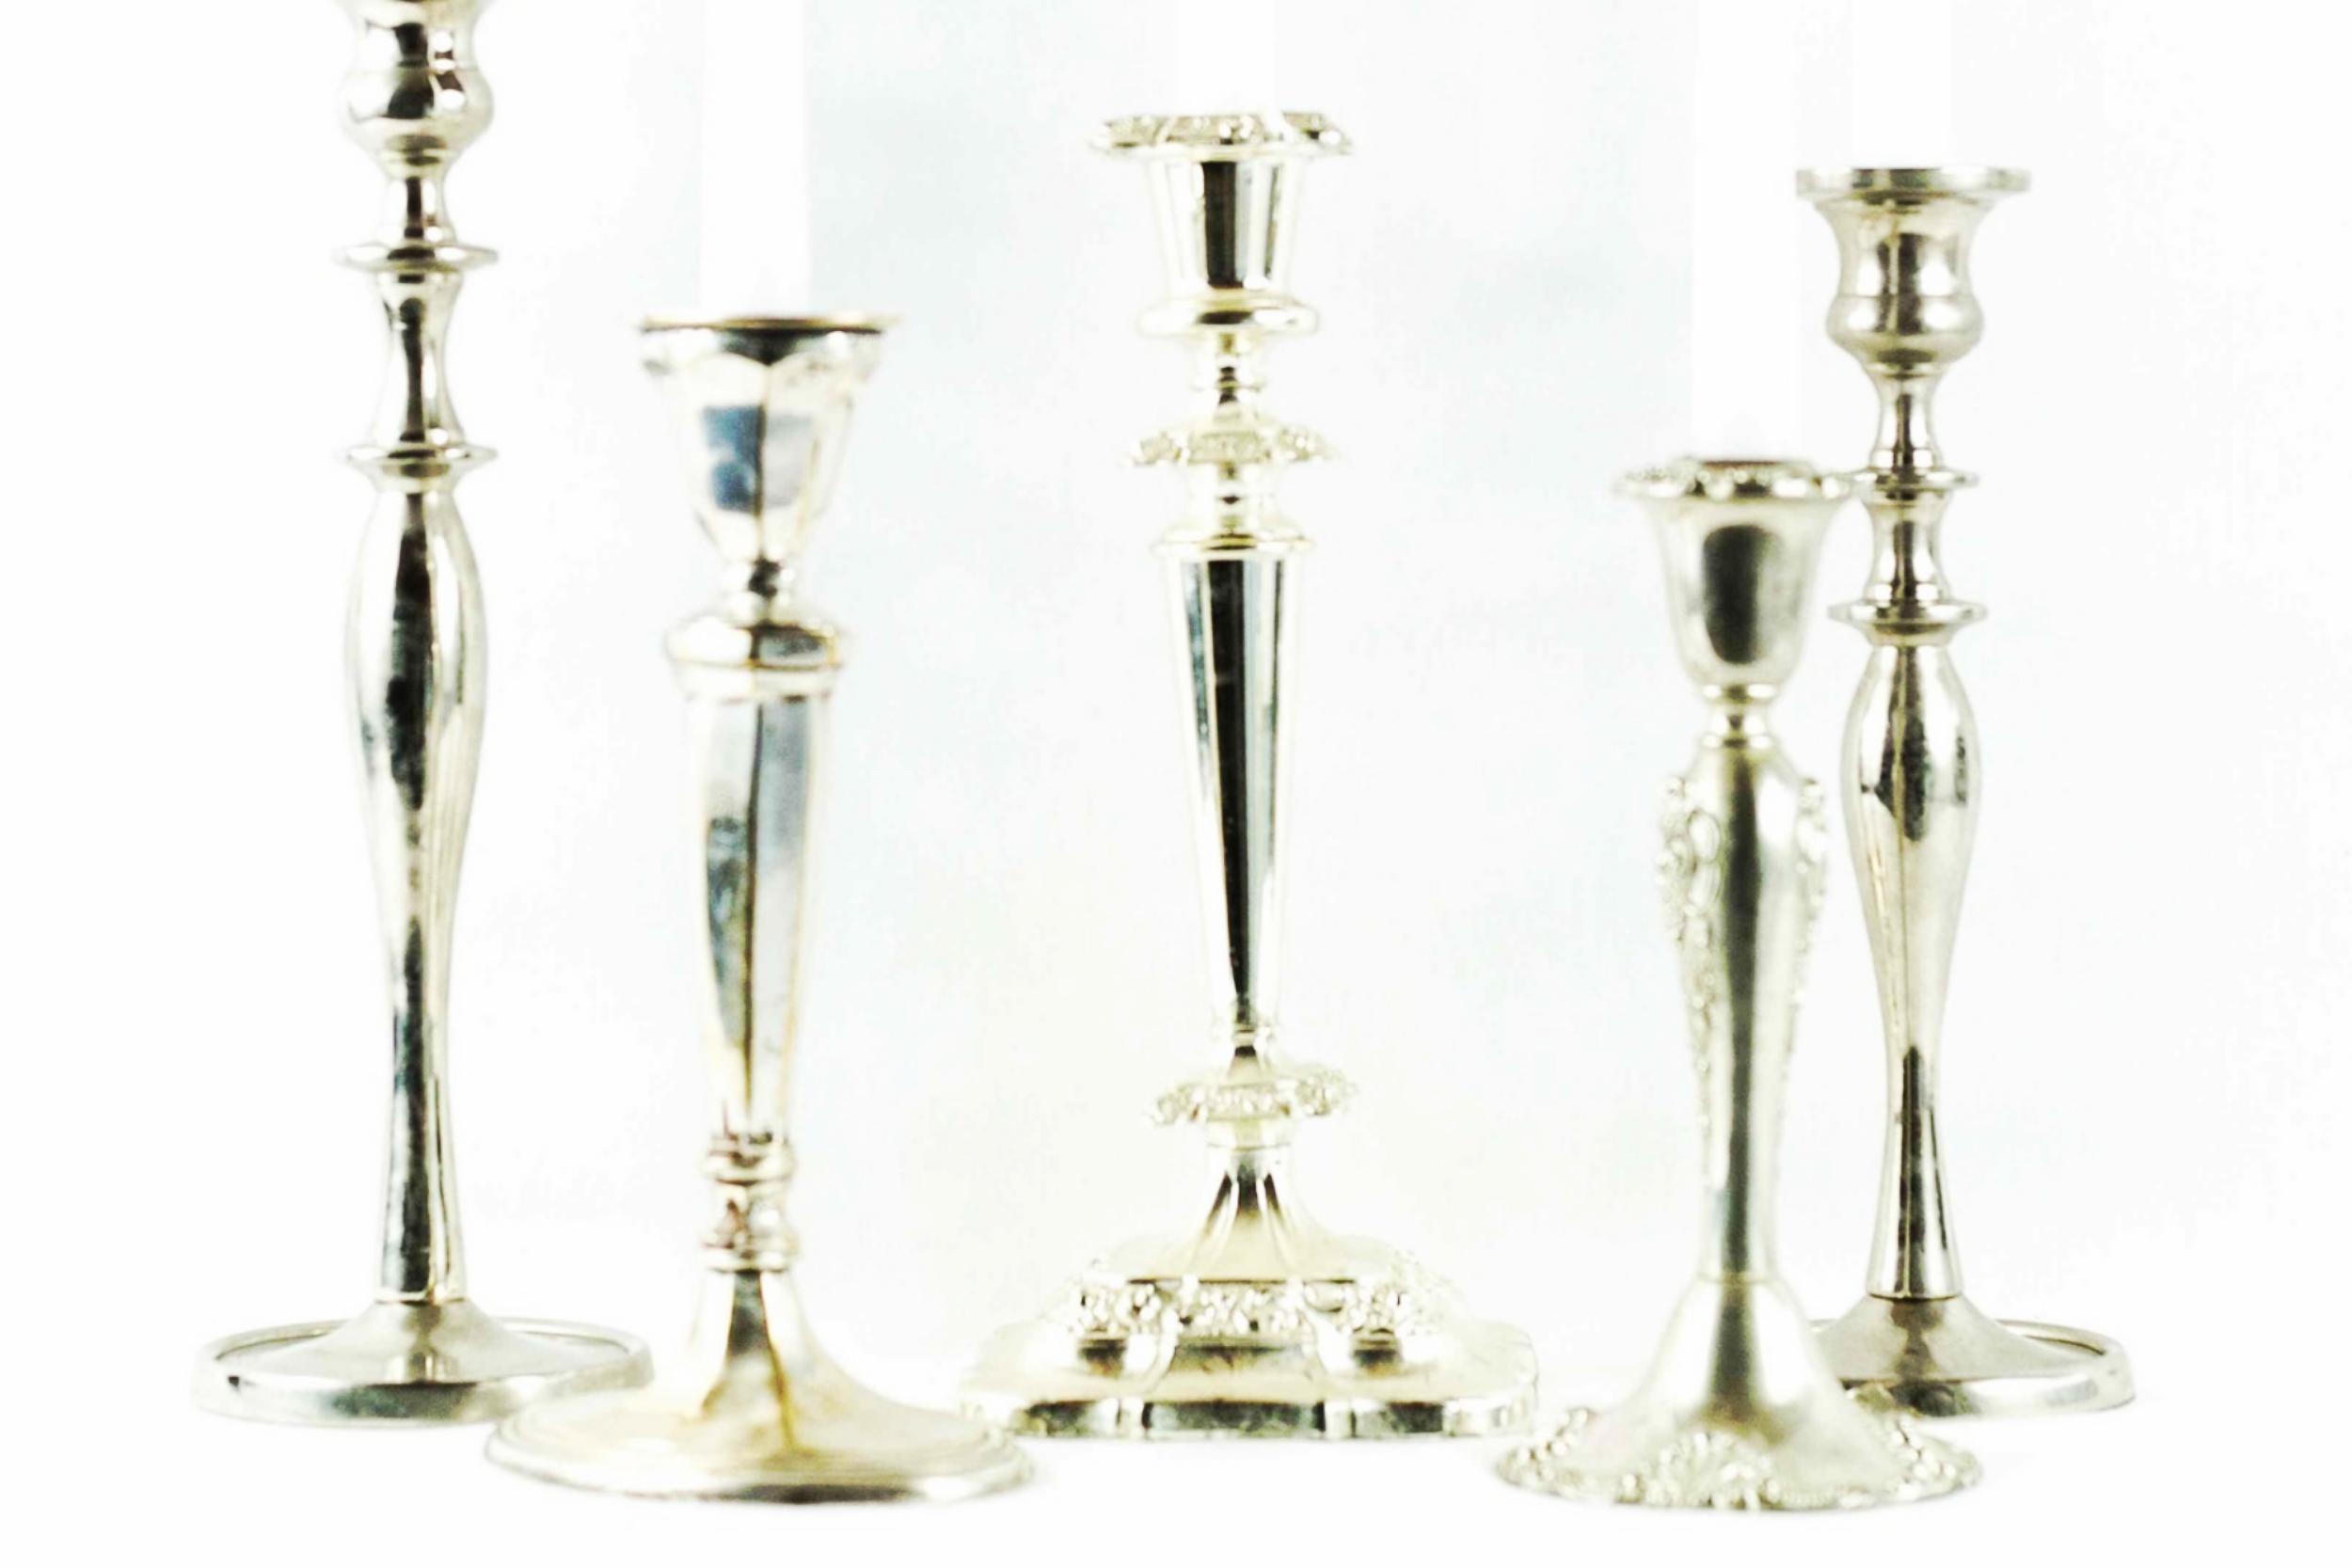 Tall Silver Candlesticks